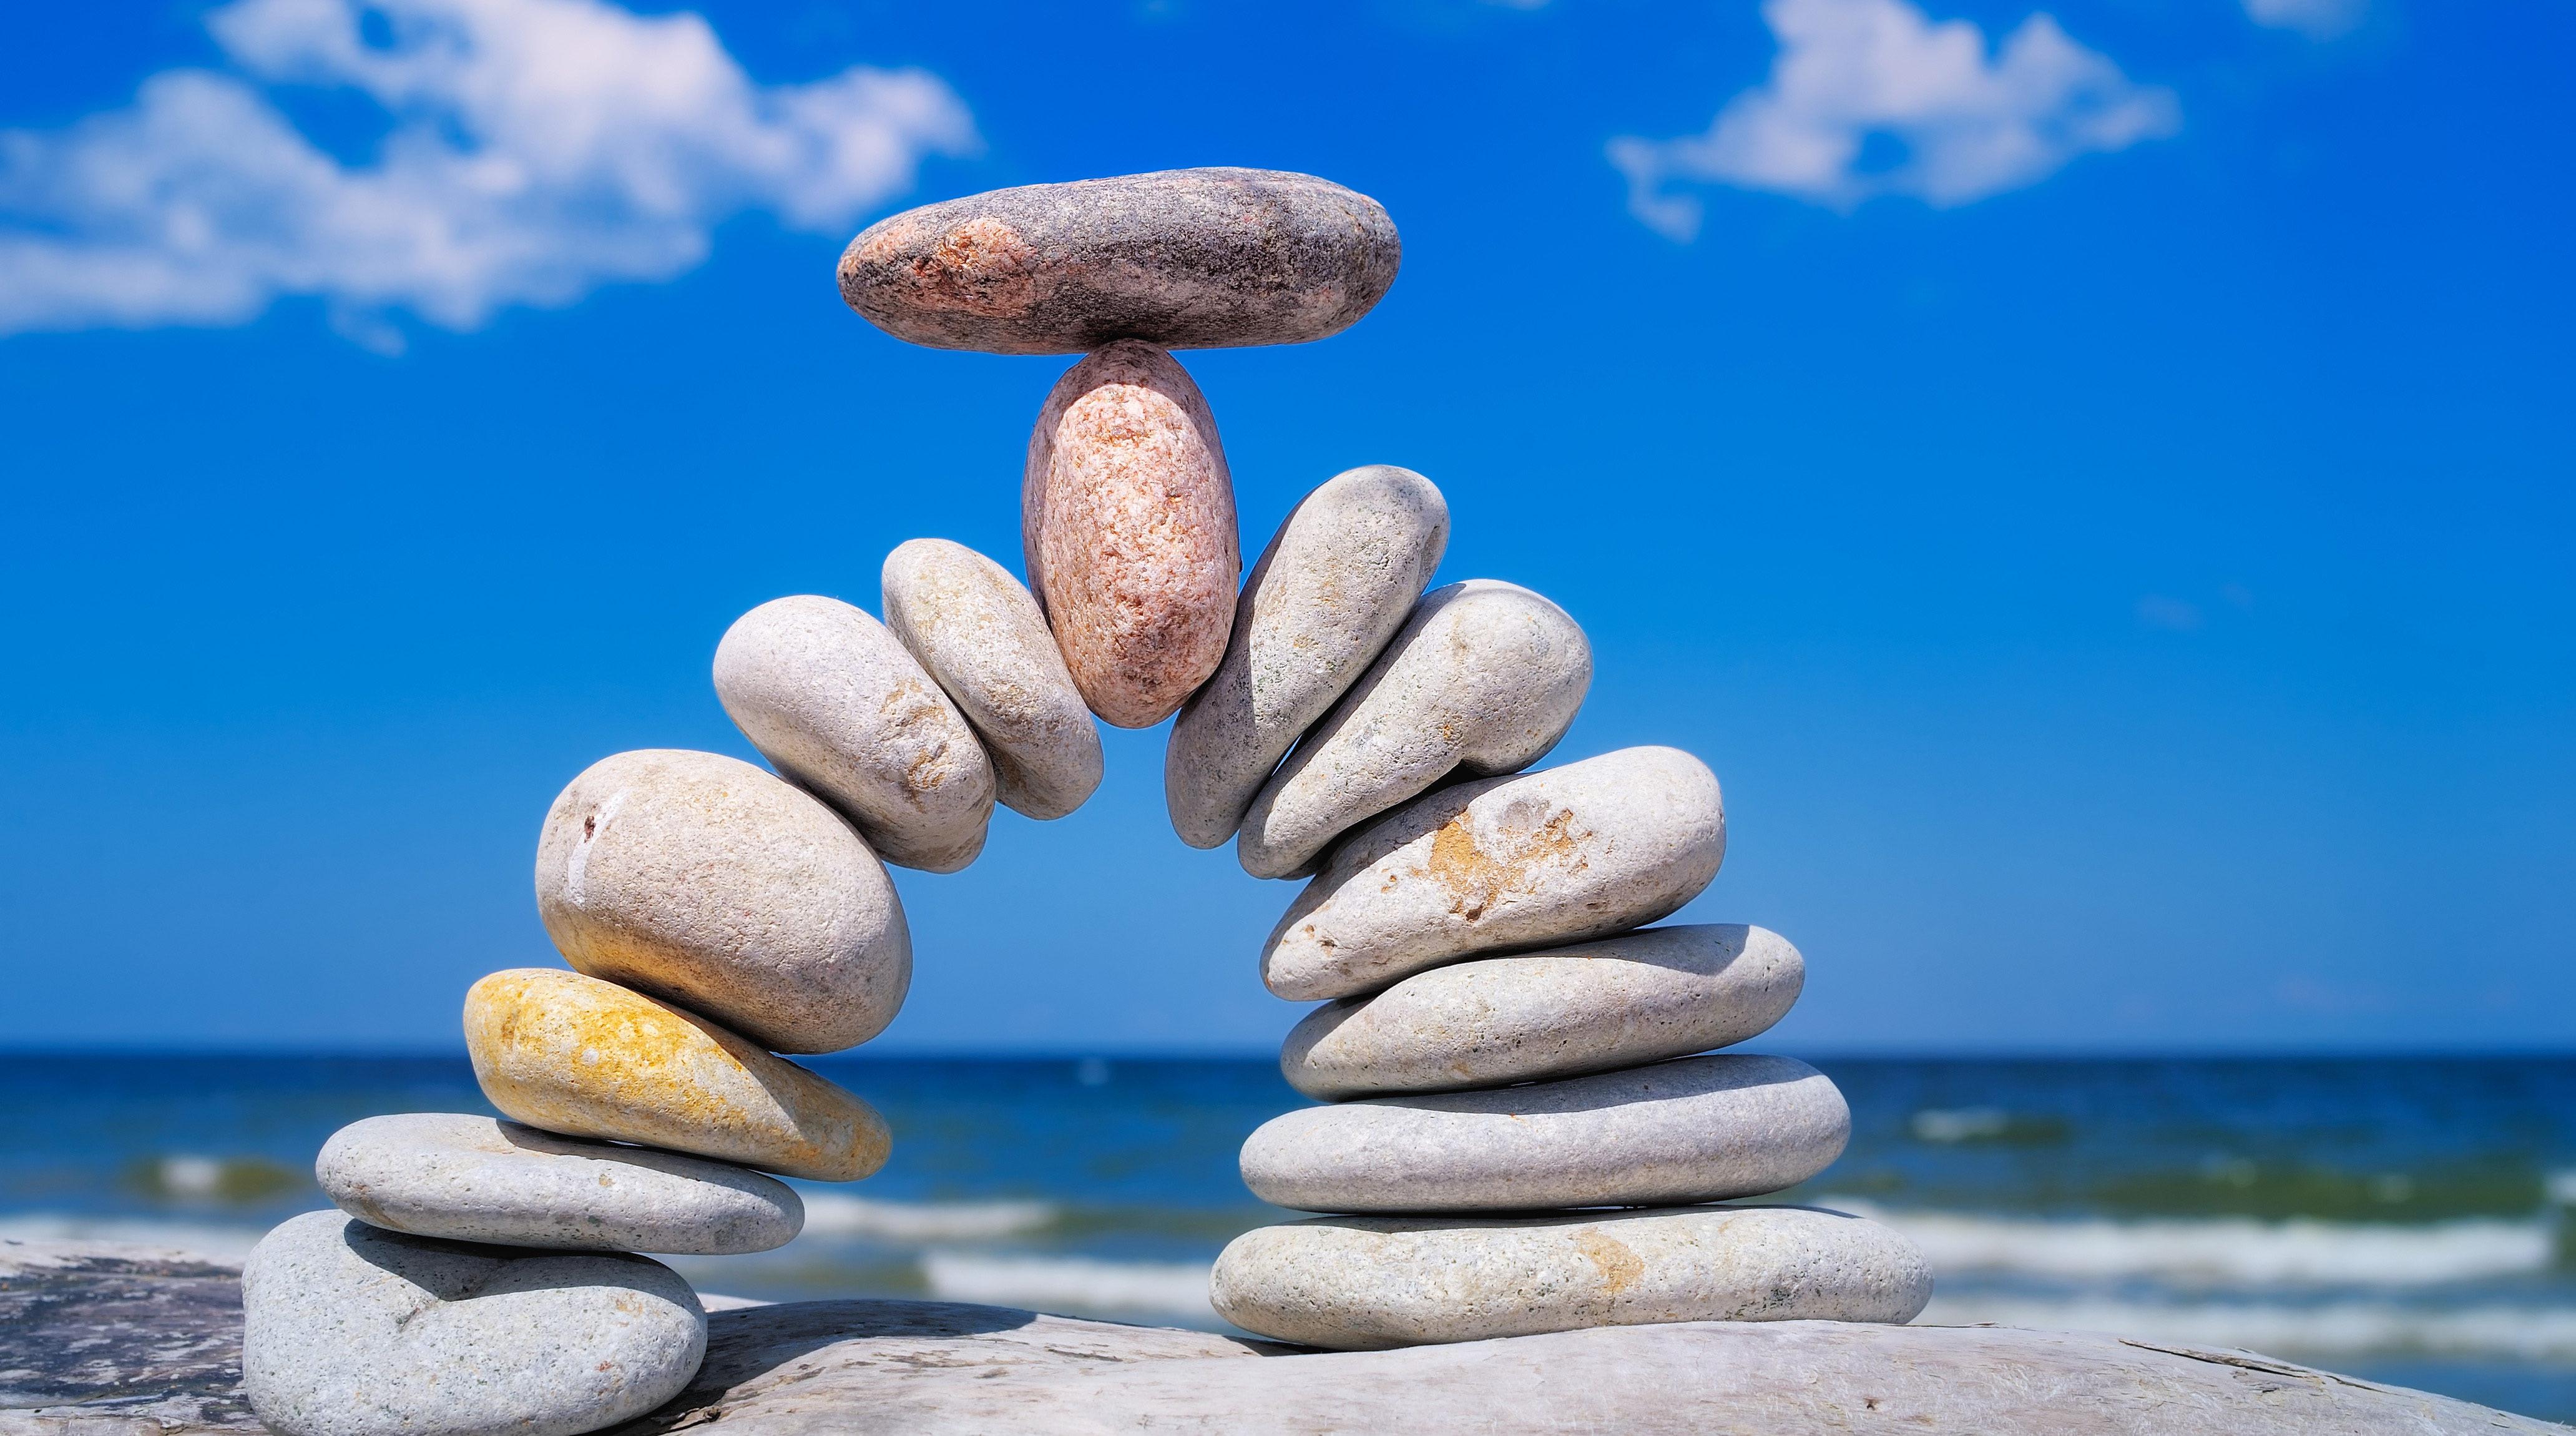 Consapevolezza e creatività per l'equilibrio interiore ed il benessere